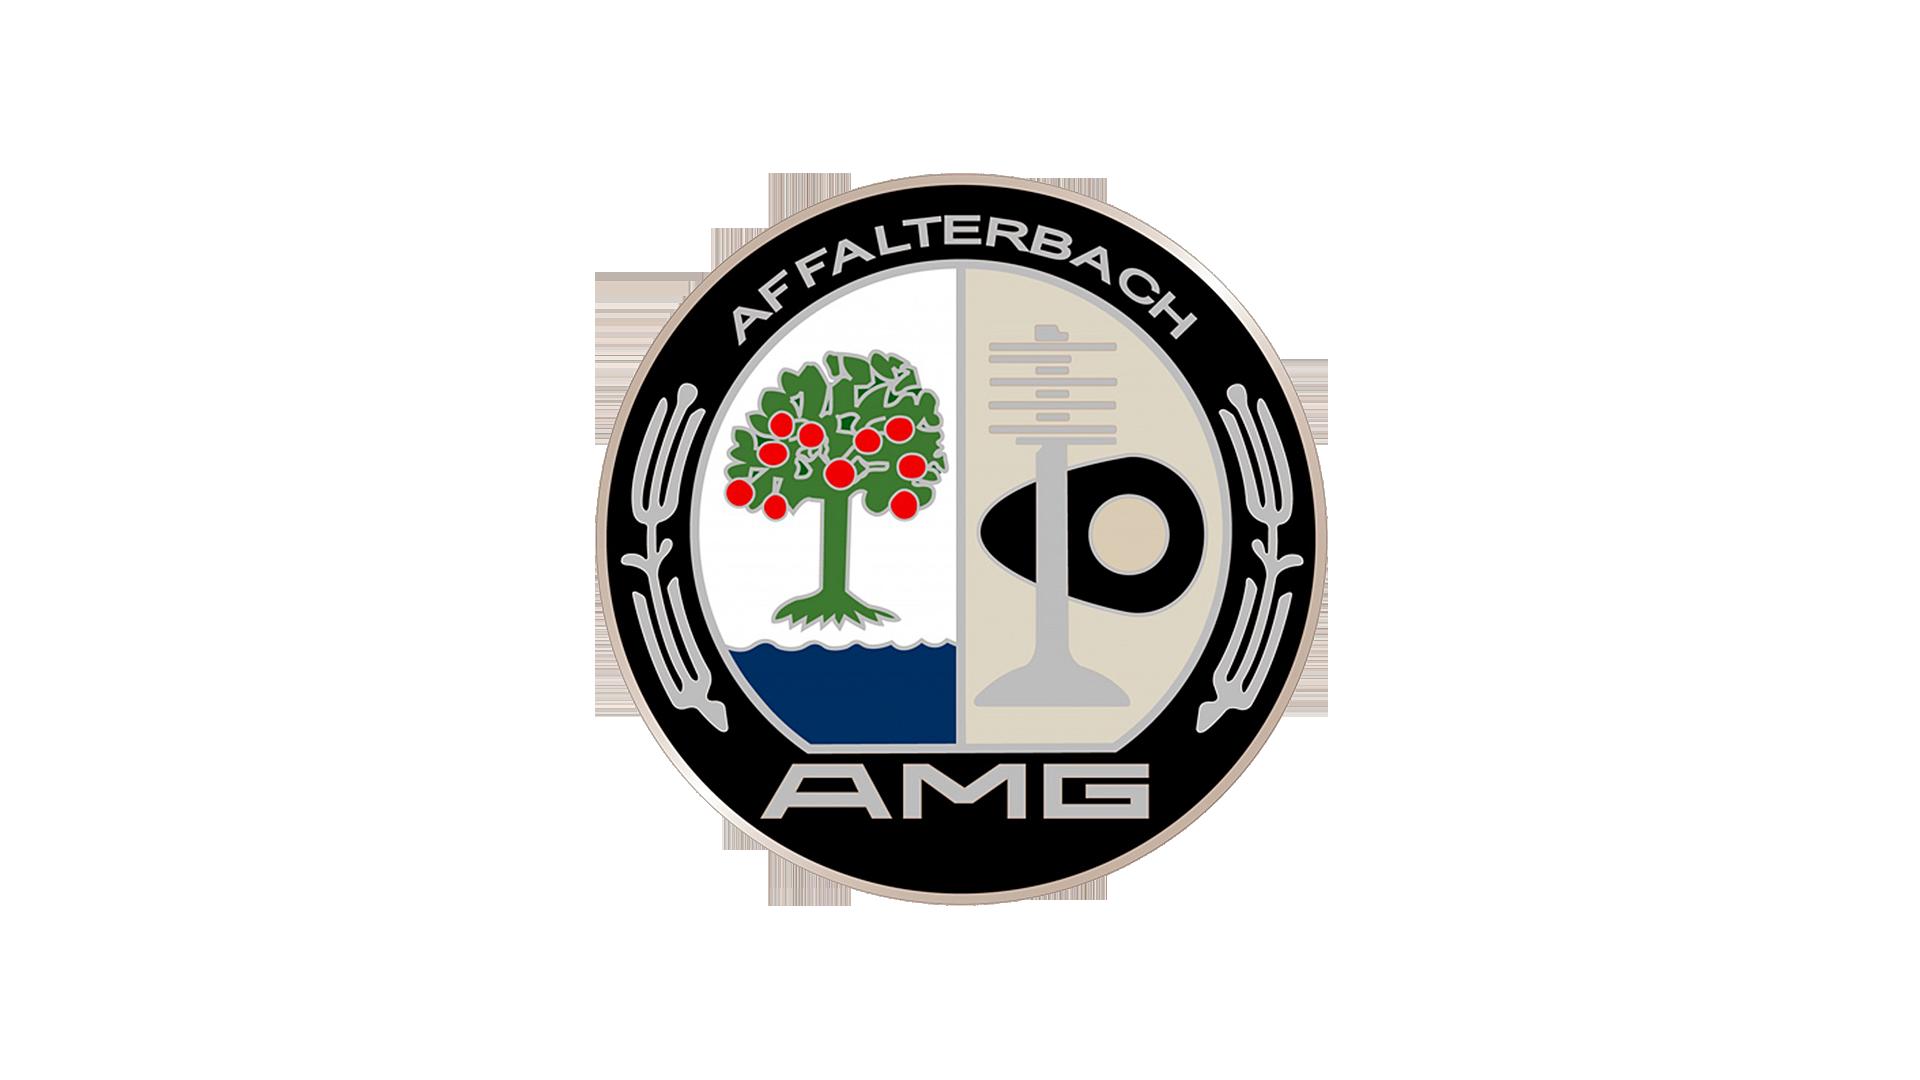 AMG-logo-1920×1080